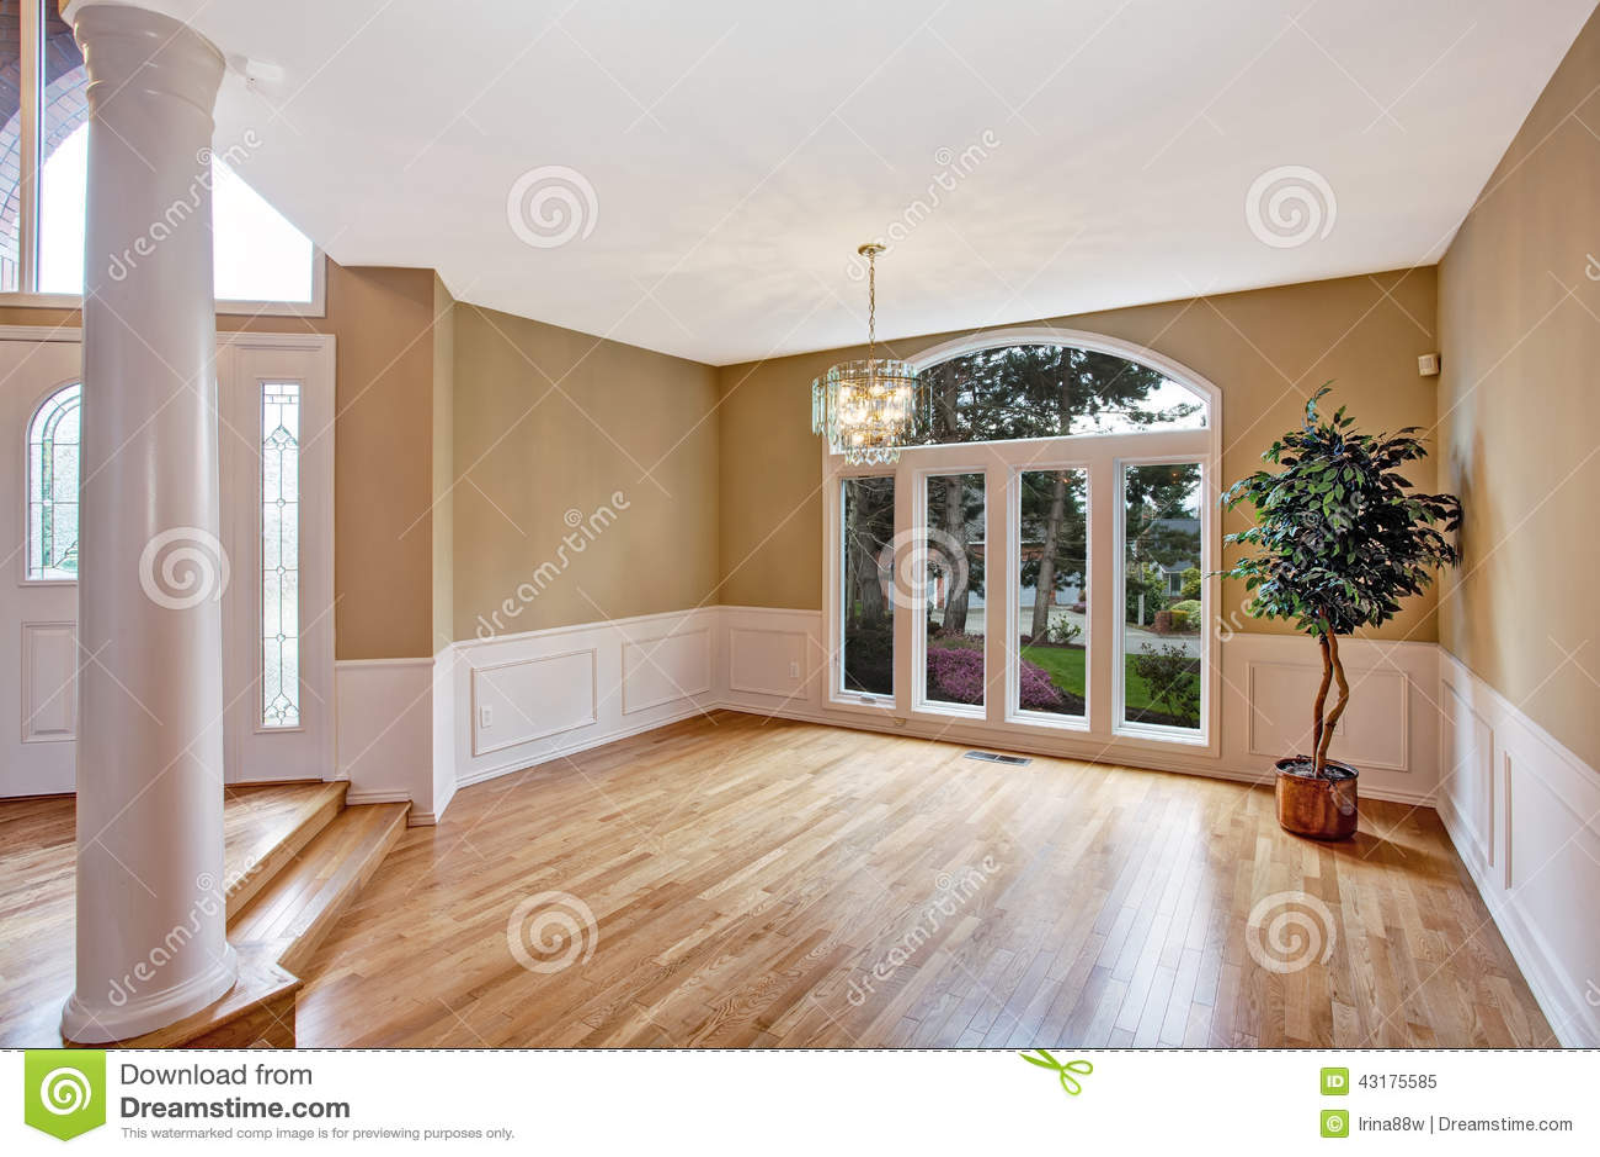 Interiores de lujo casa with interiores de lujo casa - Casas de lujo interiores ...